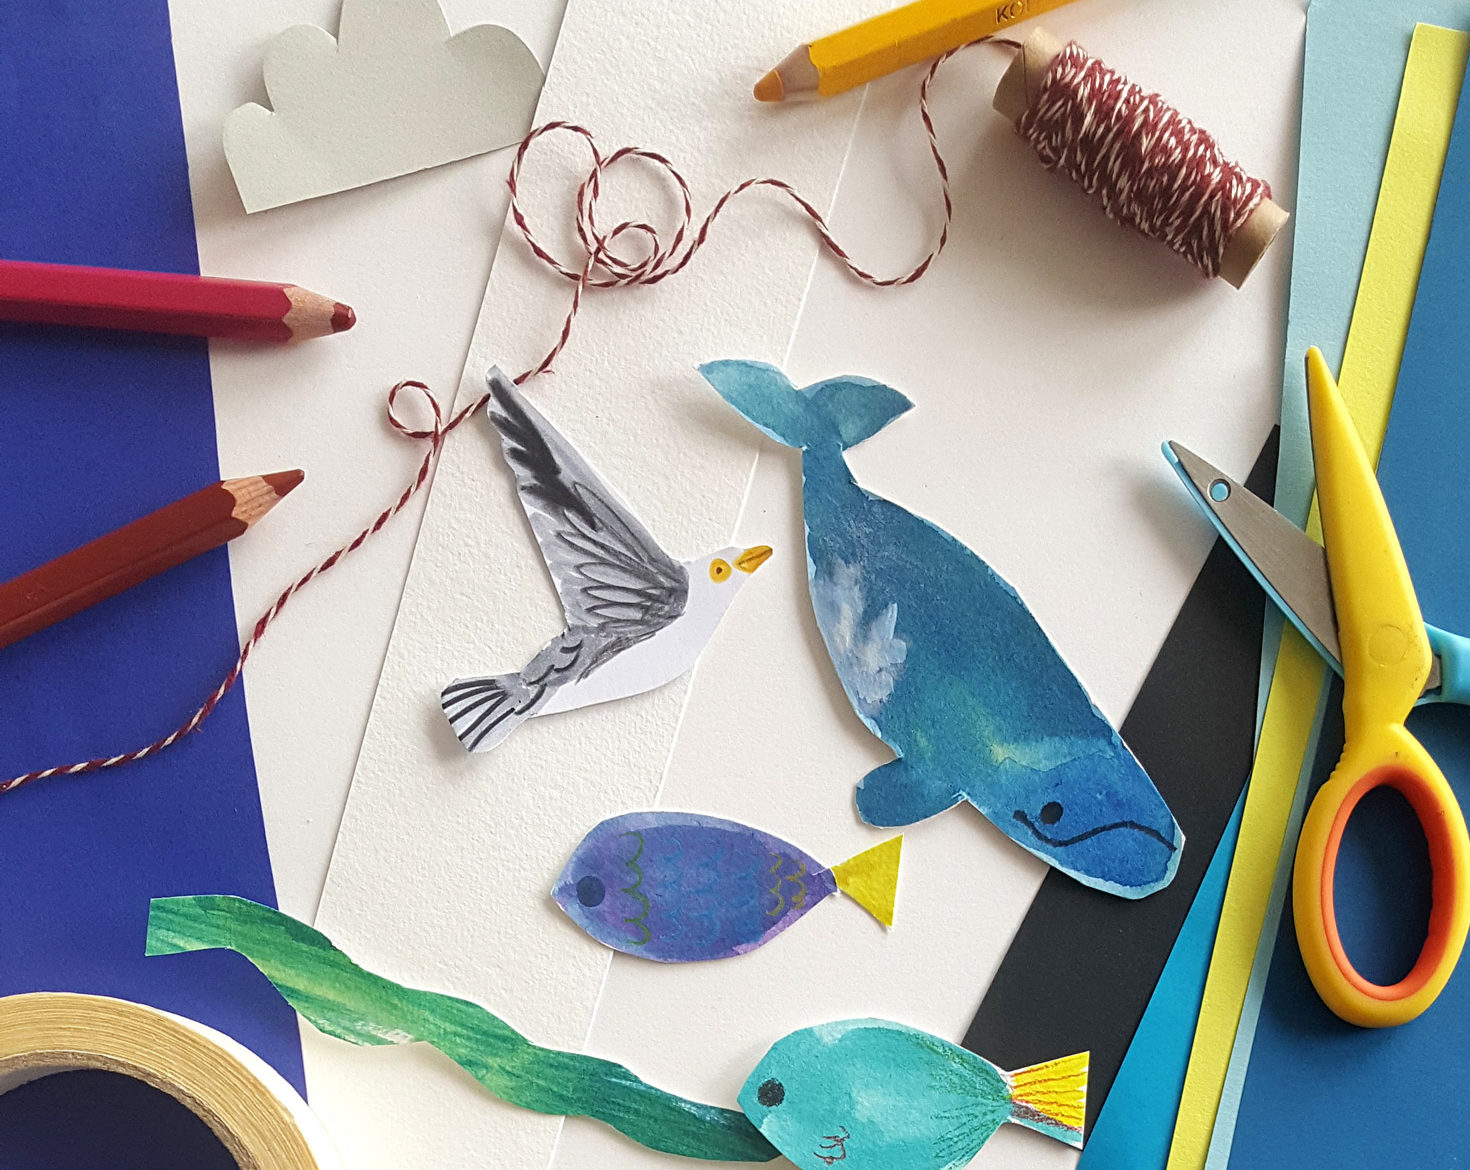 photo of Sarah Edmonds' craft materials and sea creatures